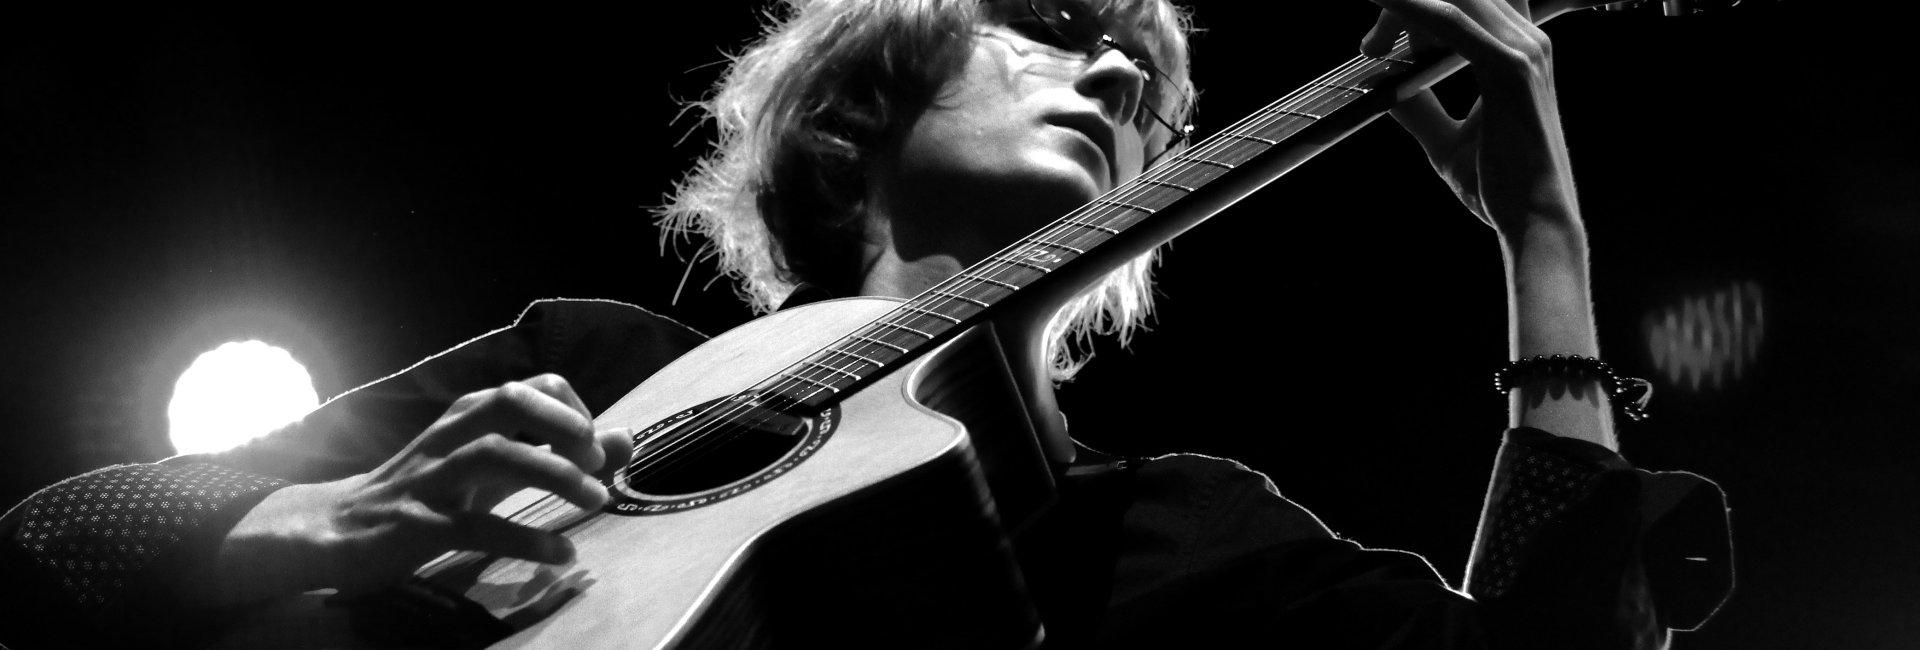 Koncert gitarowy fingerstyle - Janek Pentz